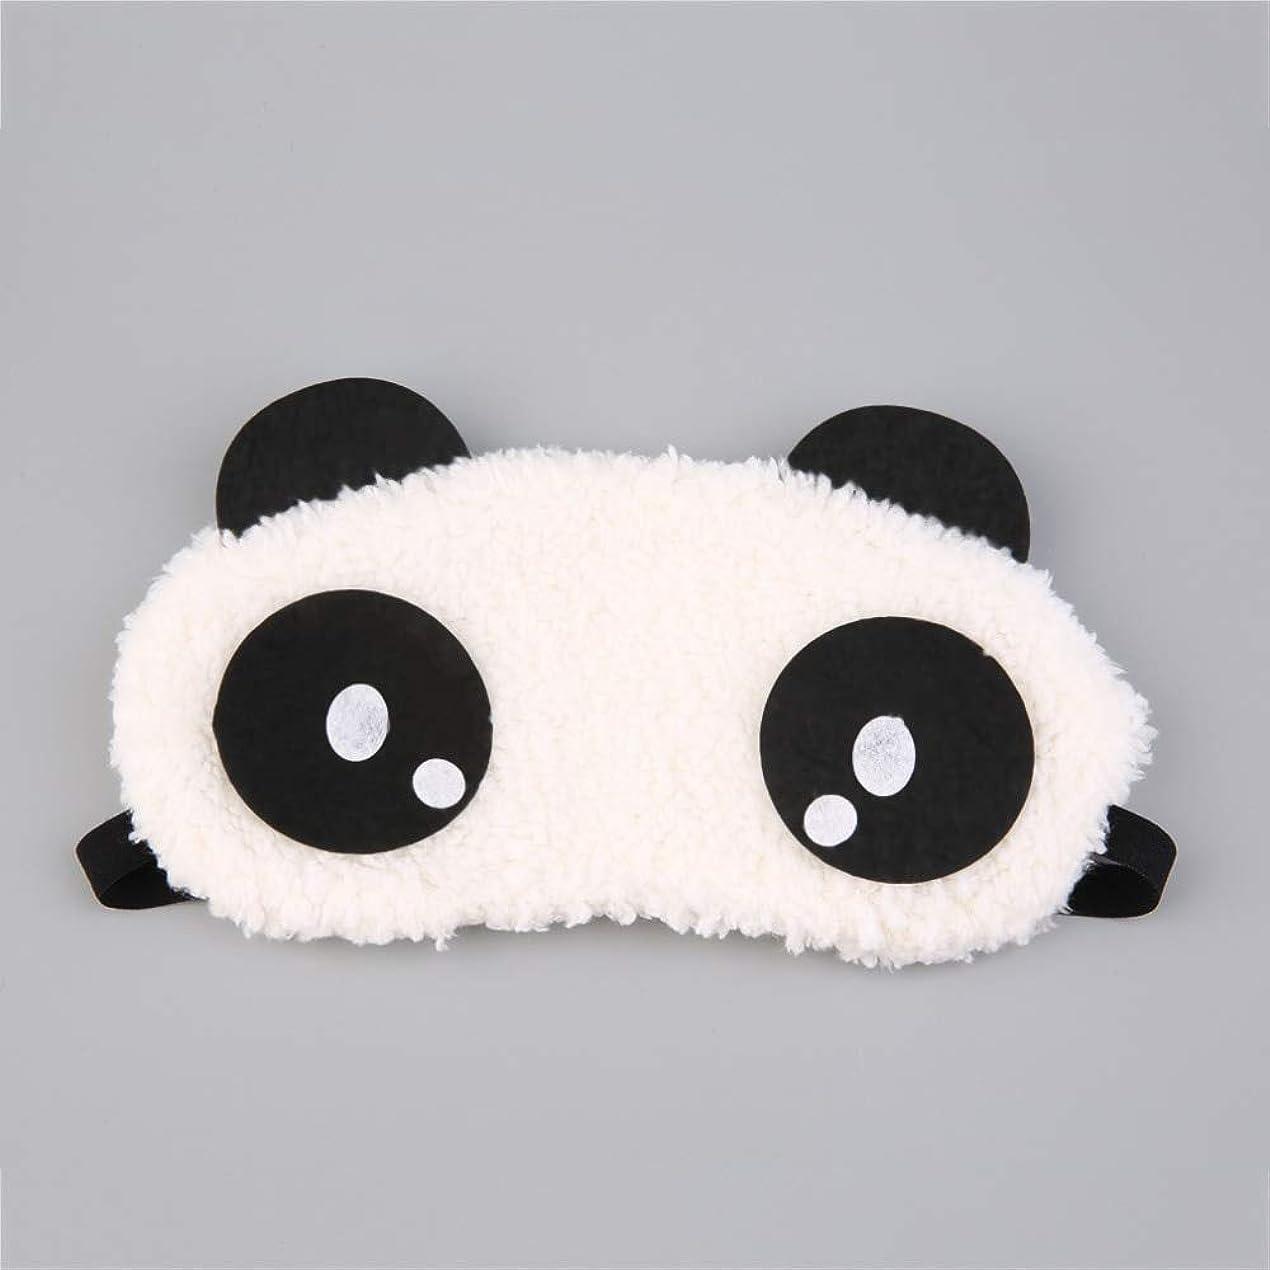 チャンピオンシップ規則性欺くNOTE マスク用睡眠かわいいパンダ睡眠フェイスアイ目隠しアイシェード通気性キッズ女性旅行カバーヘルスケアエイドアイパッチツール